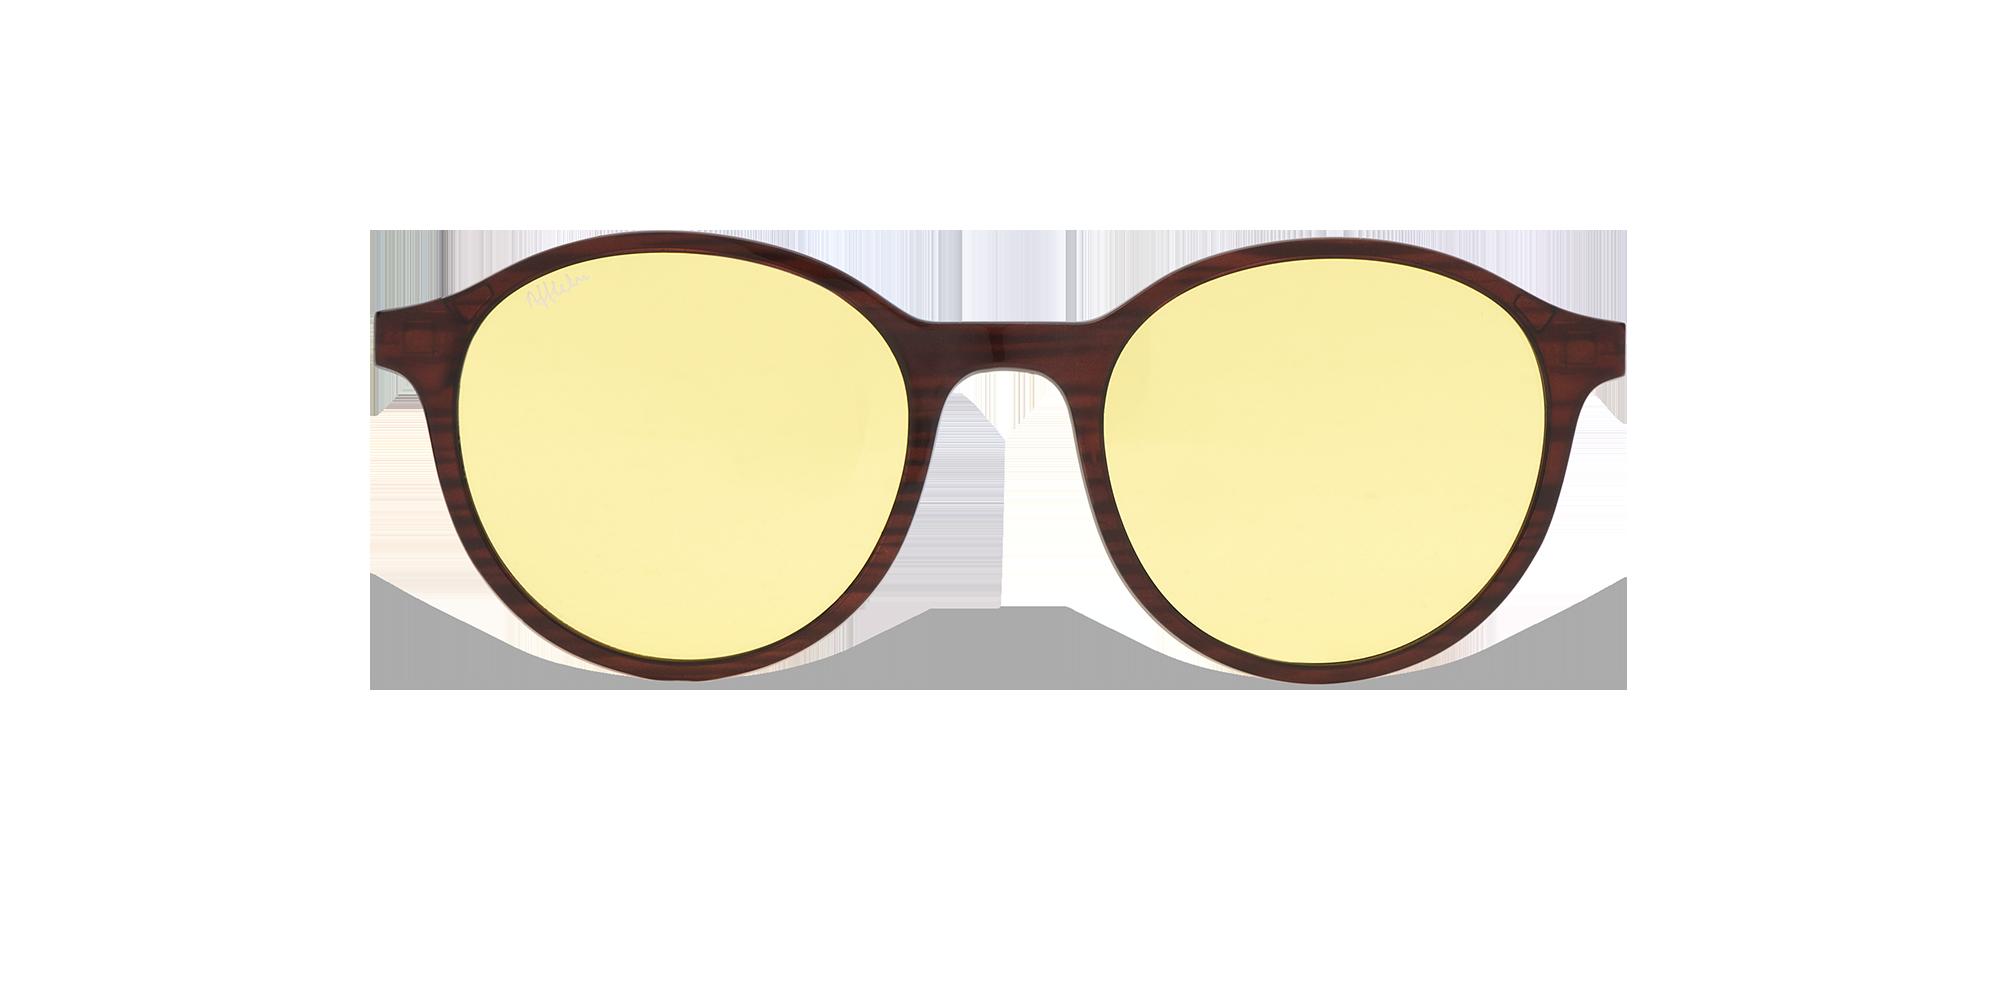 afflelou/france/products/smart_clip/clips_glasses/TMK37YEBR014919.png